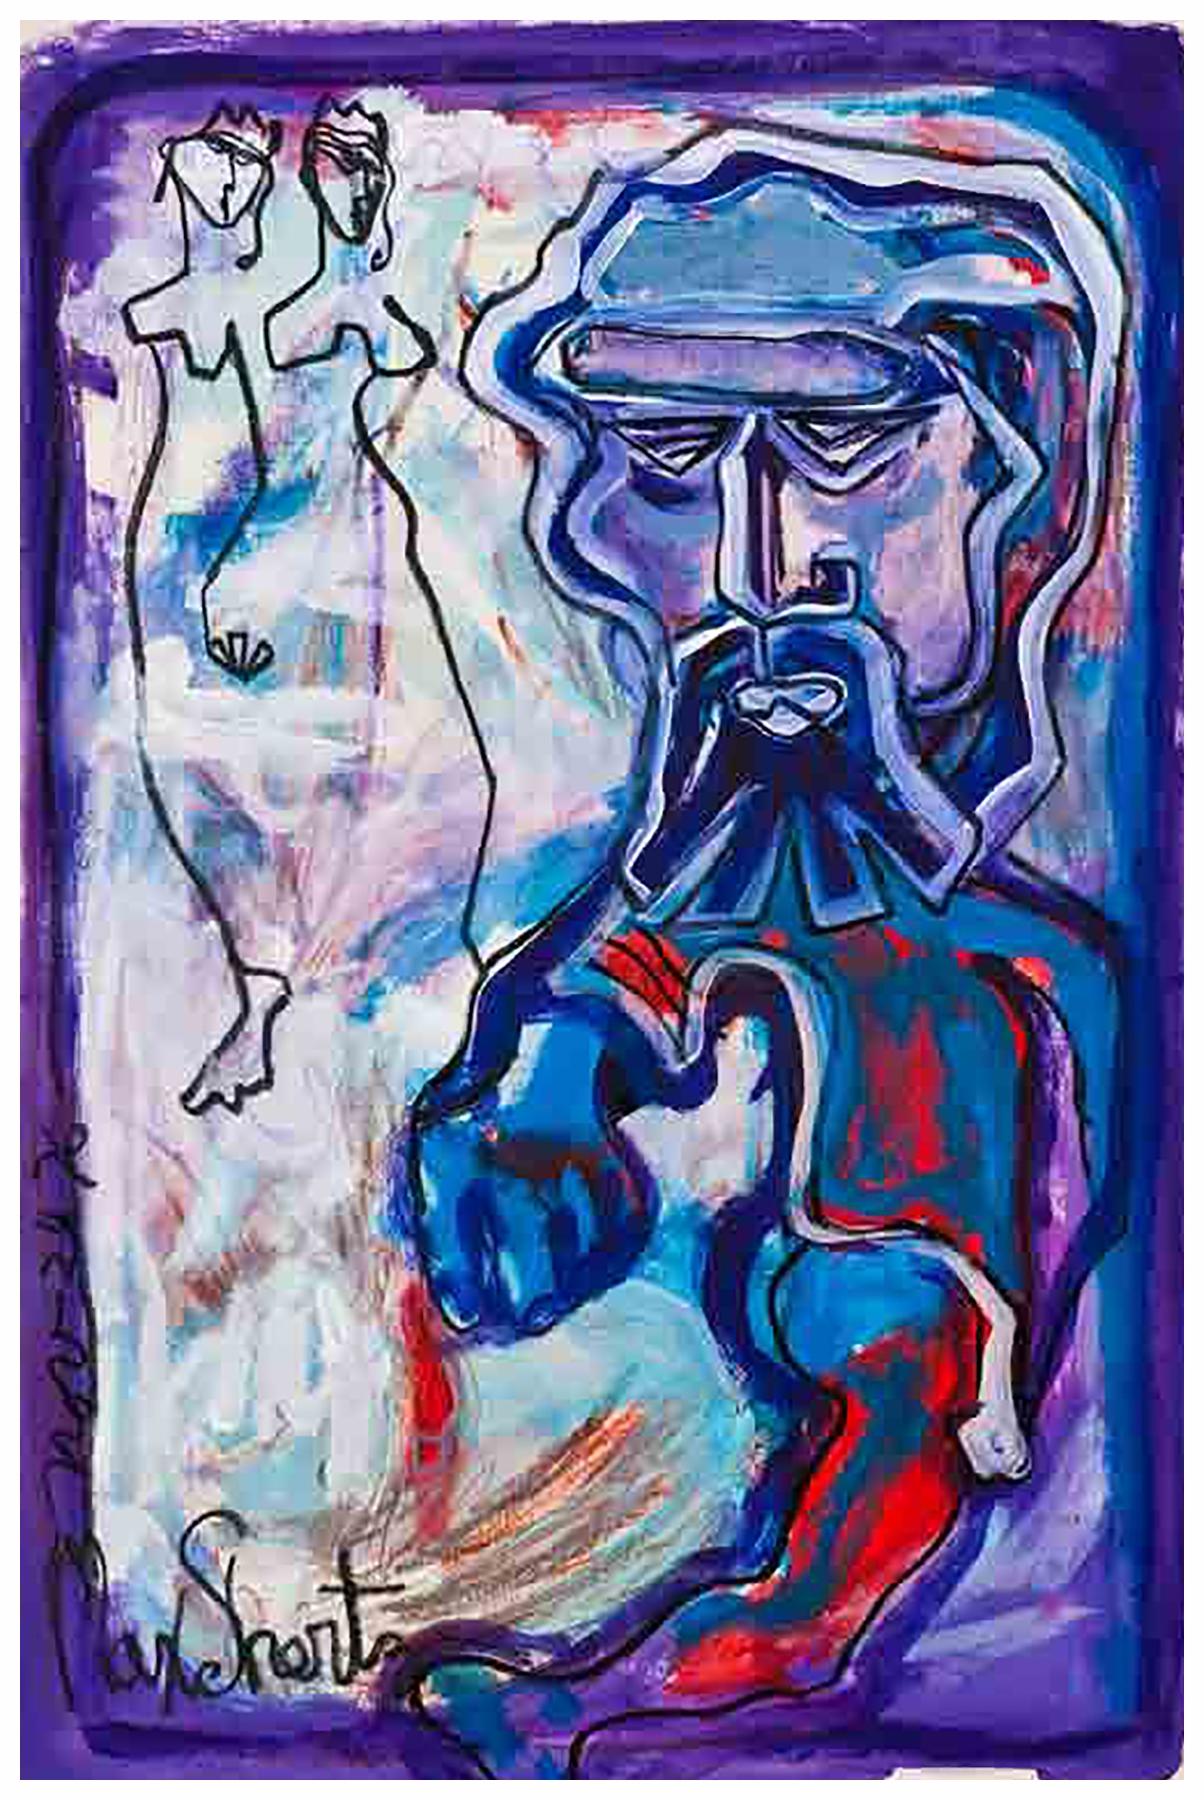 Cockman 1976 36x24 Mixed Medium